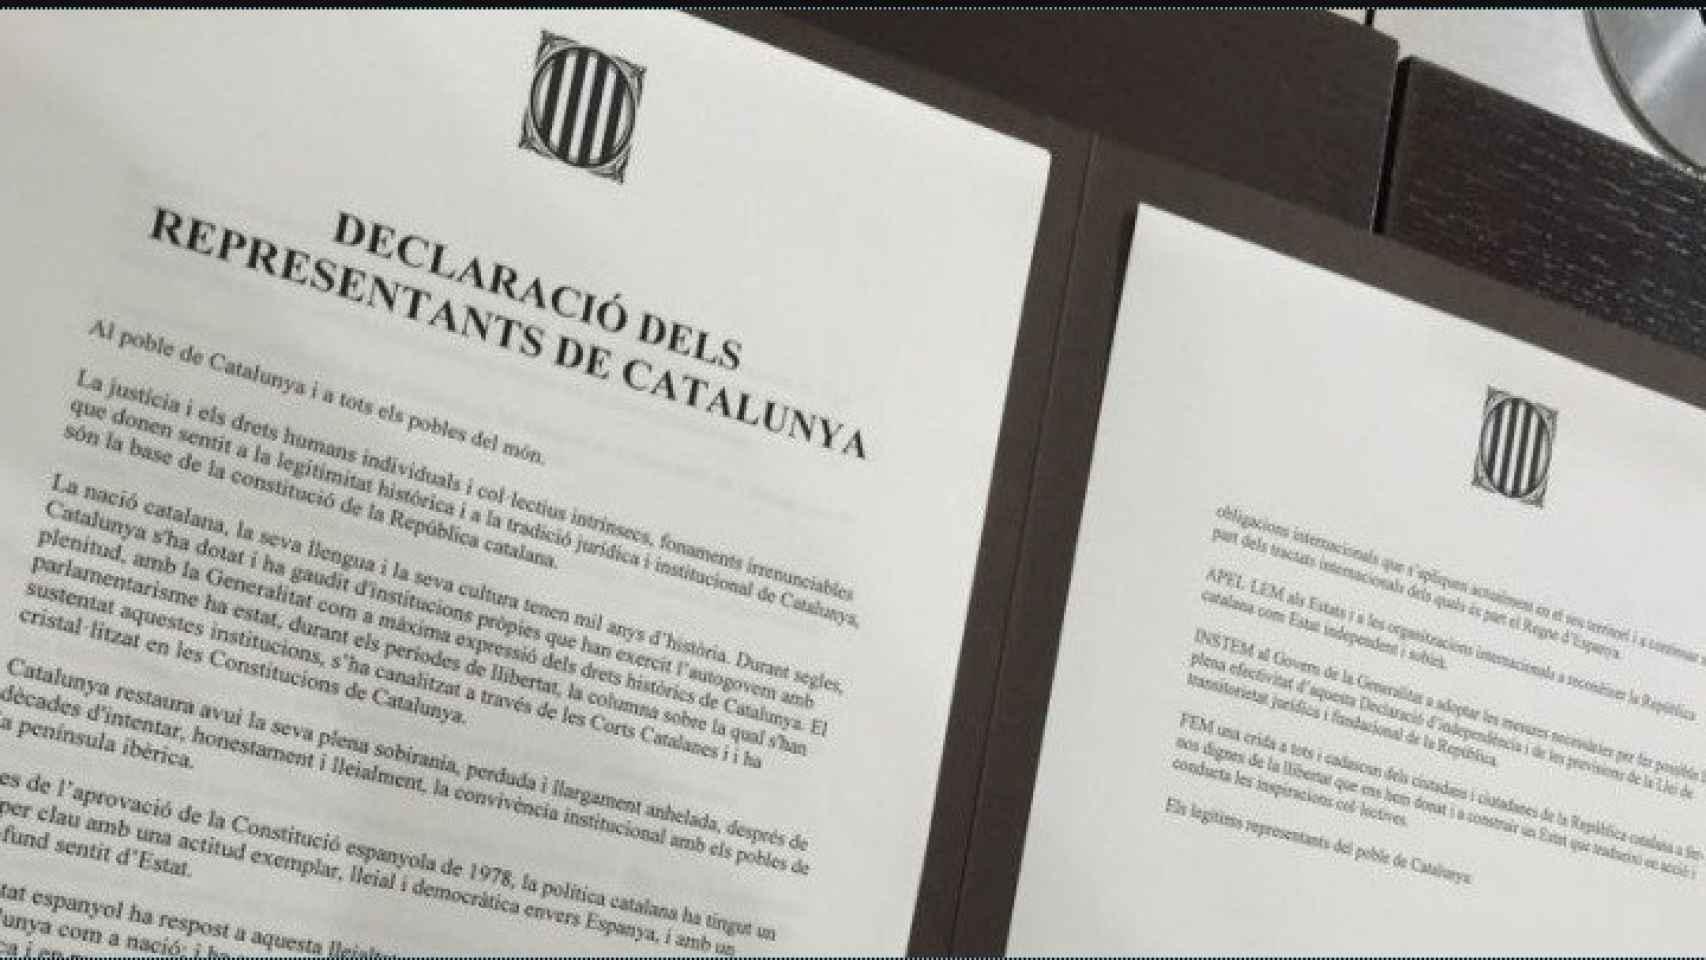 Imagen de la declaración que está firmando